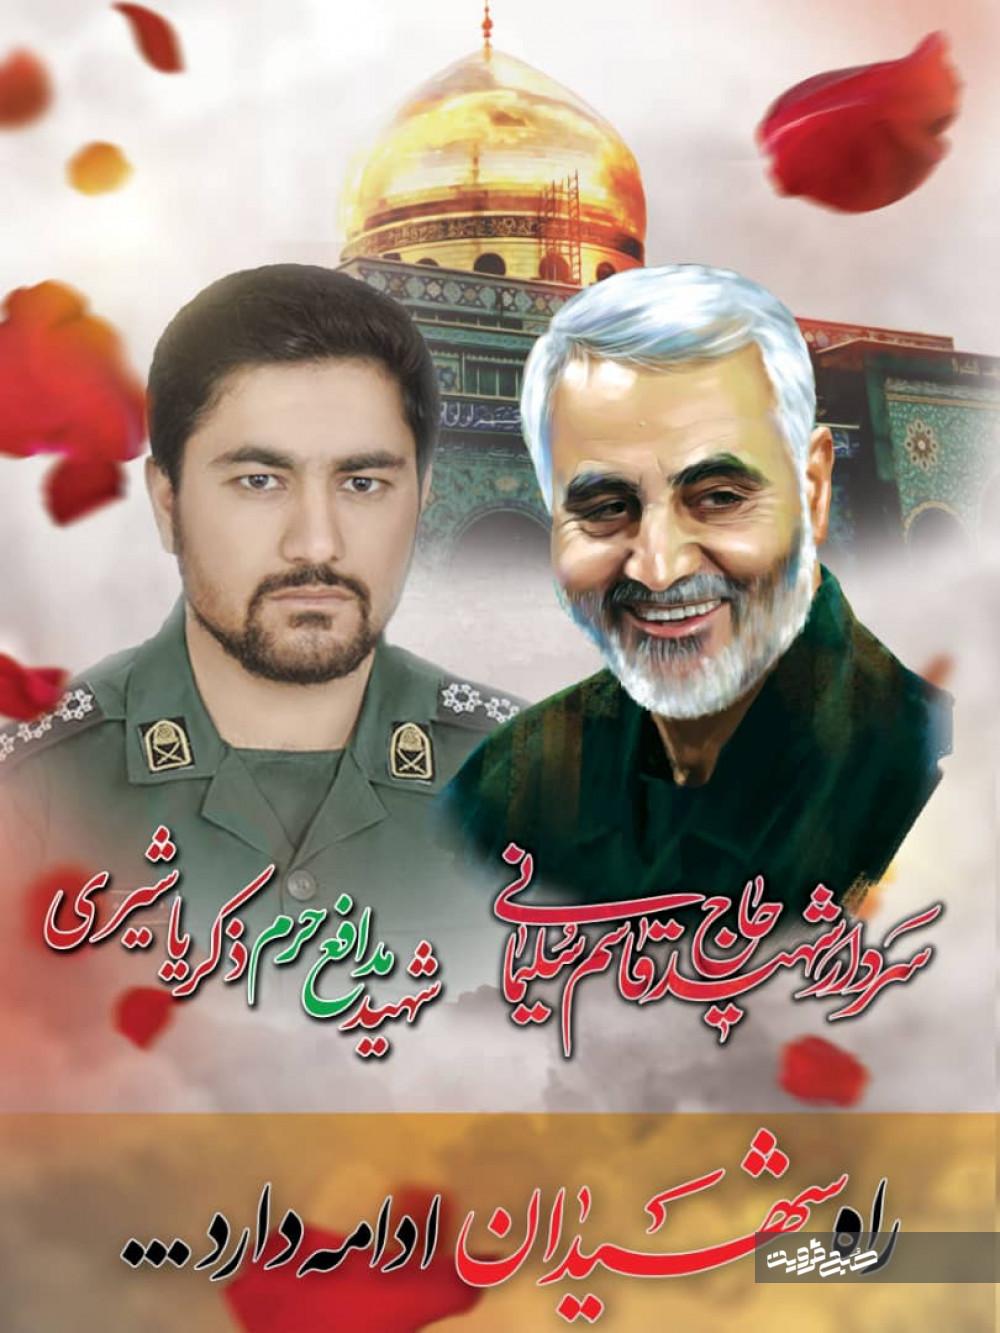 """ویژه برنامههای بزرگداشت شهید """"ذکریا شیری"""" در استان قزوین اعلام شد"""